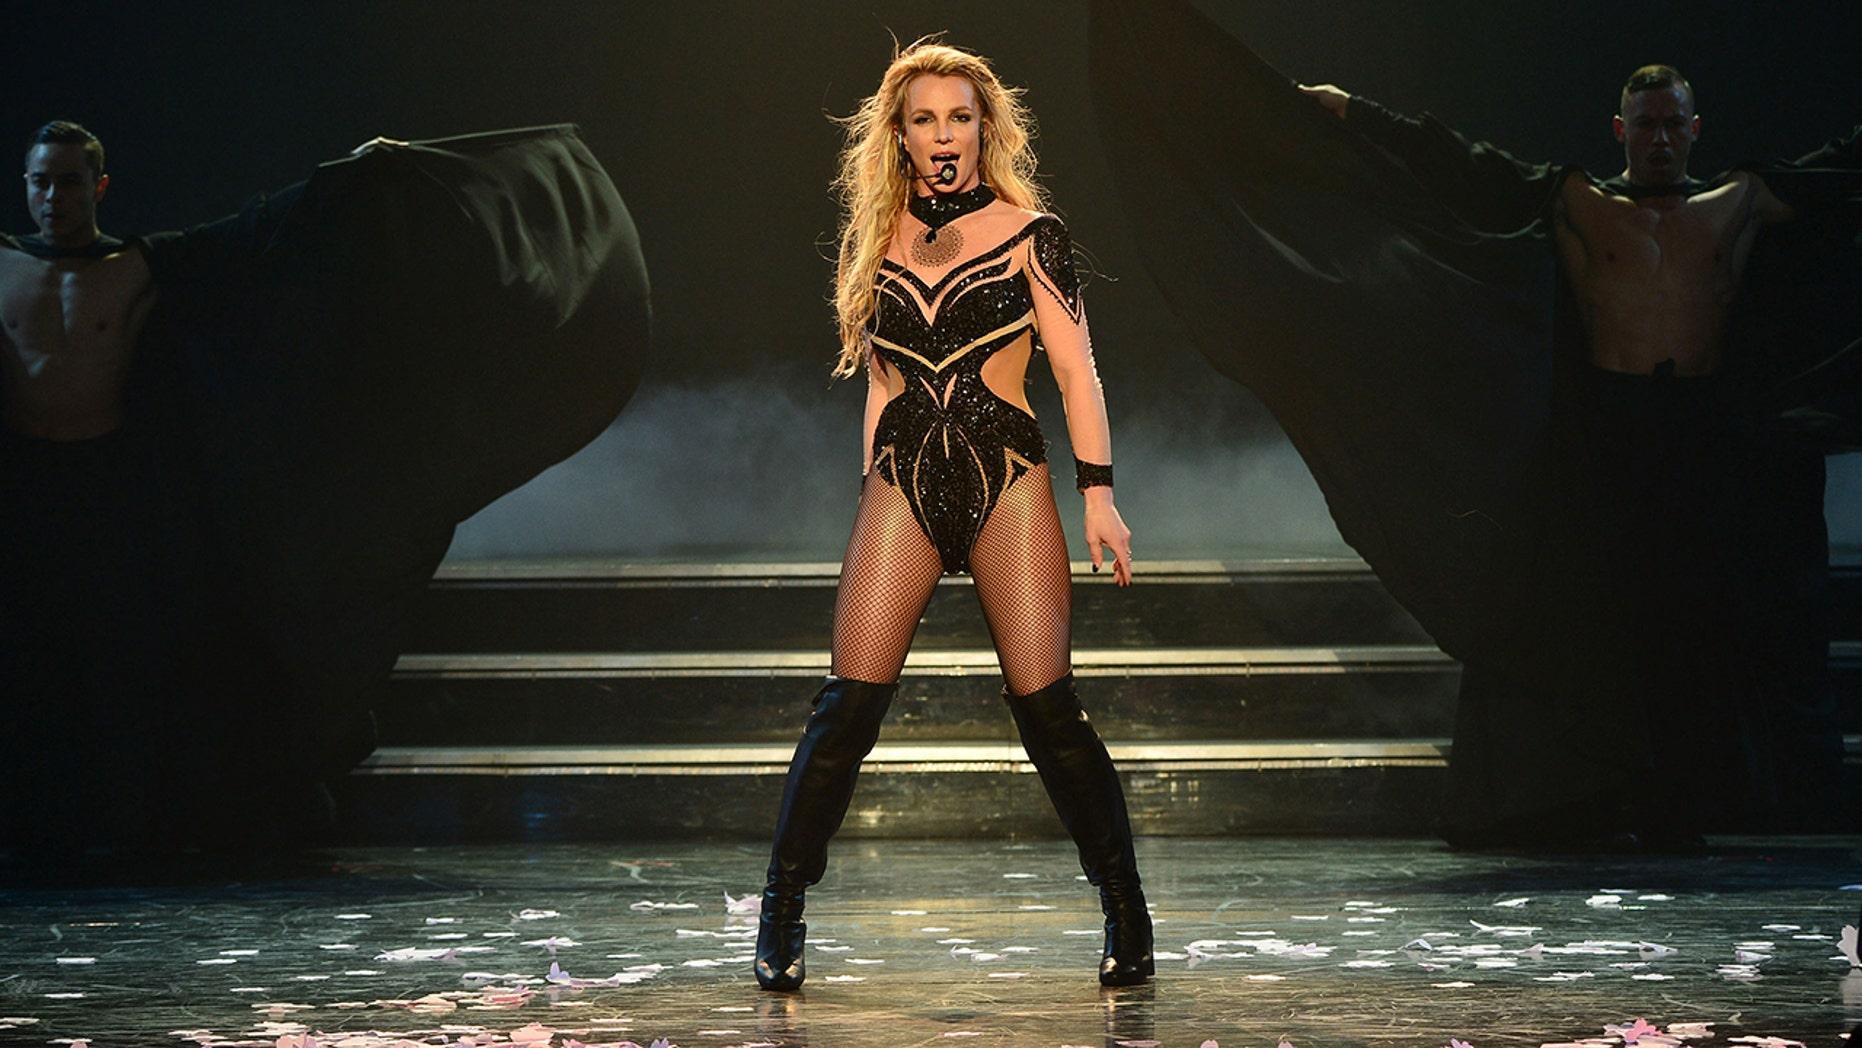 Britney Spears disfruta actualmente de unas vacaciones en Hawai con su novio Sam Asghari después de días de revelaciones explosivas de su reciente audiencia de tutela.